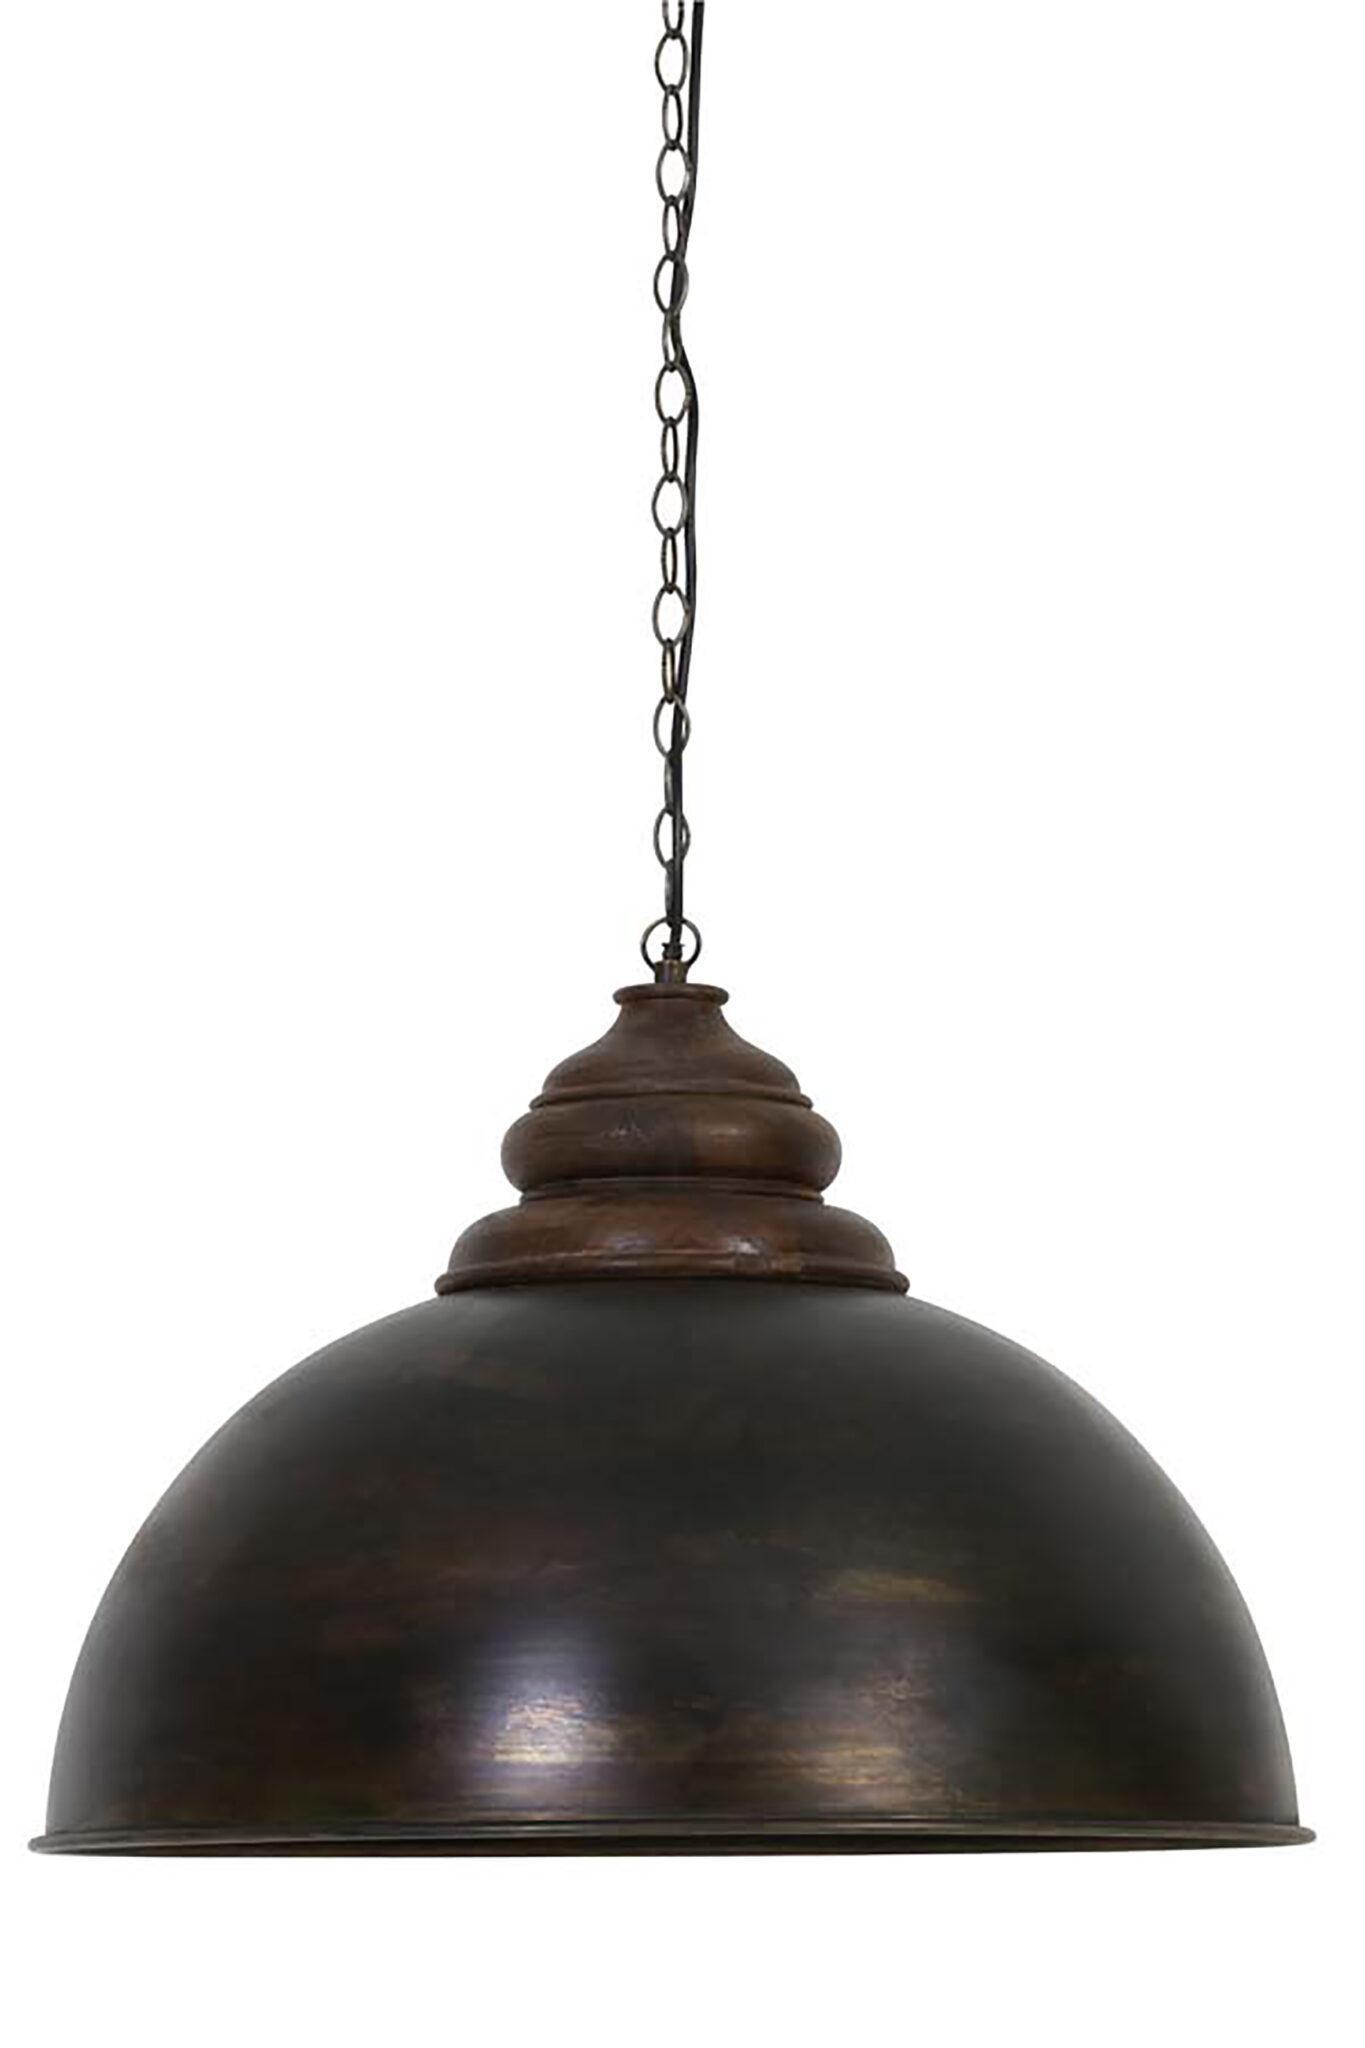 Antiq lampe med trætop